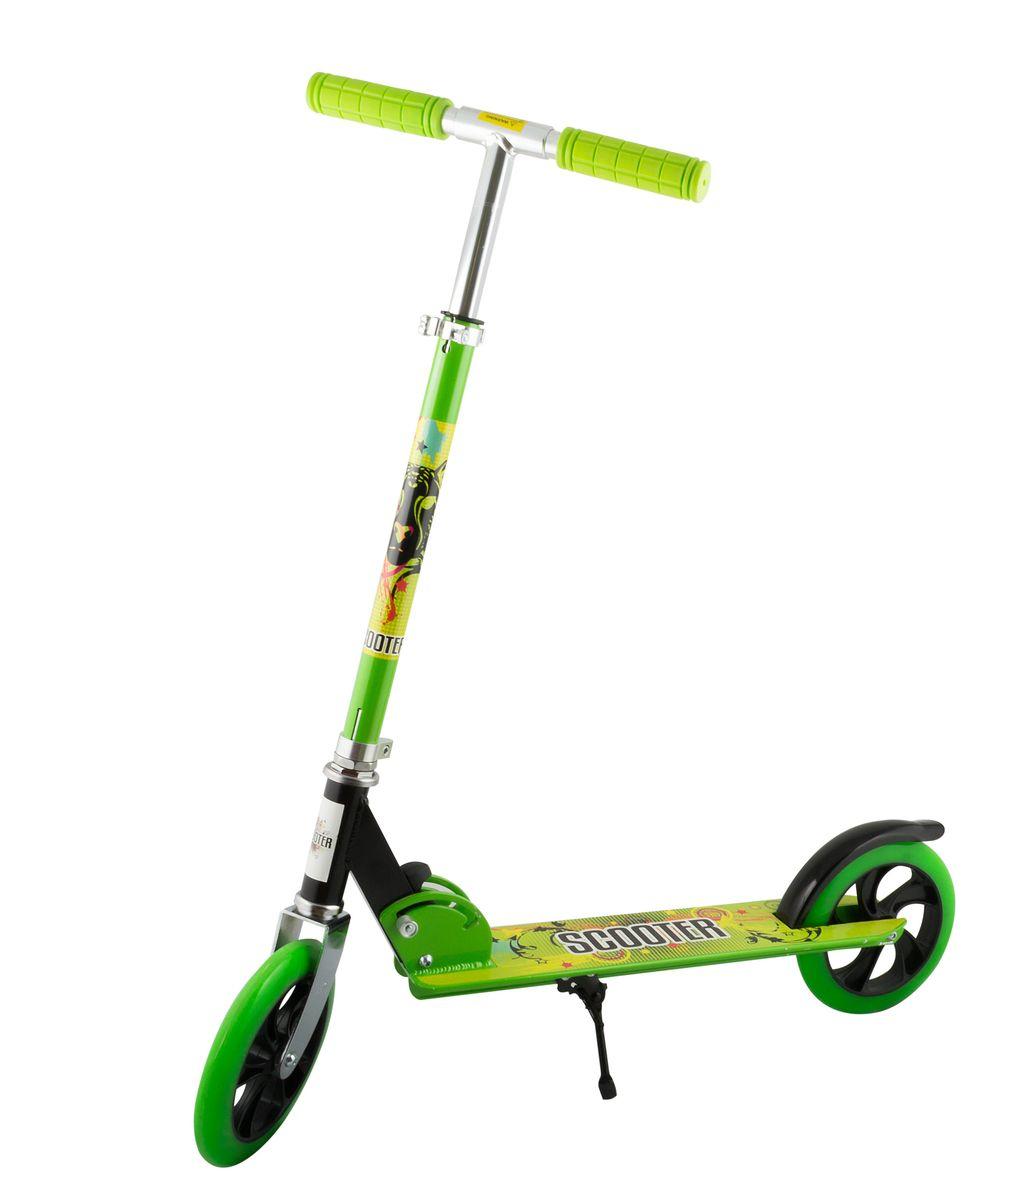 Самокат 2-колесный SC-02 (200 мм), цвет: зеленыйУТ-00008335Самокат 2-х колесный SC-02 (200 мм) - это двухколесная модель с колесами 200-мм для взрослых и детей. Эргономичные резиновые грипсы. Телескопический руль. Удобная система складывания. Алюминиевая дека. Металлический тормоз. Полиуретановые 200-мм колеса. Подножка для устойчивости самоката. Подшипники ABEC 7 для быстрой и плавной езды. Технические характеристики: Дека: алюминий Ручки: резина Руль: алюминий Материал колеса (внутр): полипропилен Материал колеса (внешний): полиуретан Регулировка руля: есть Система складывания: есть Размер колеса, мм: 200 Подшипники: Abec-7 Цвет: зеленый Вес, гр: 3350 Производство: КНР